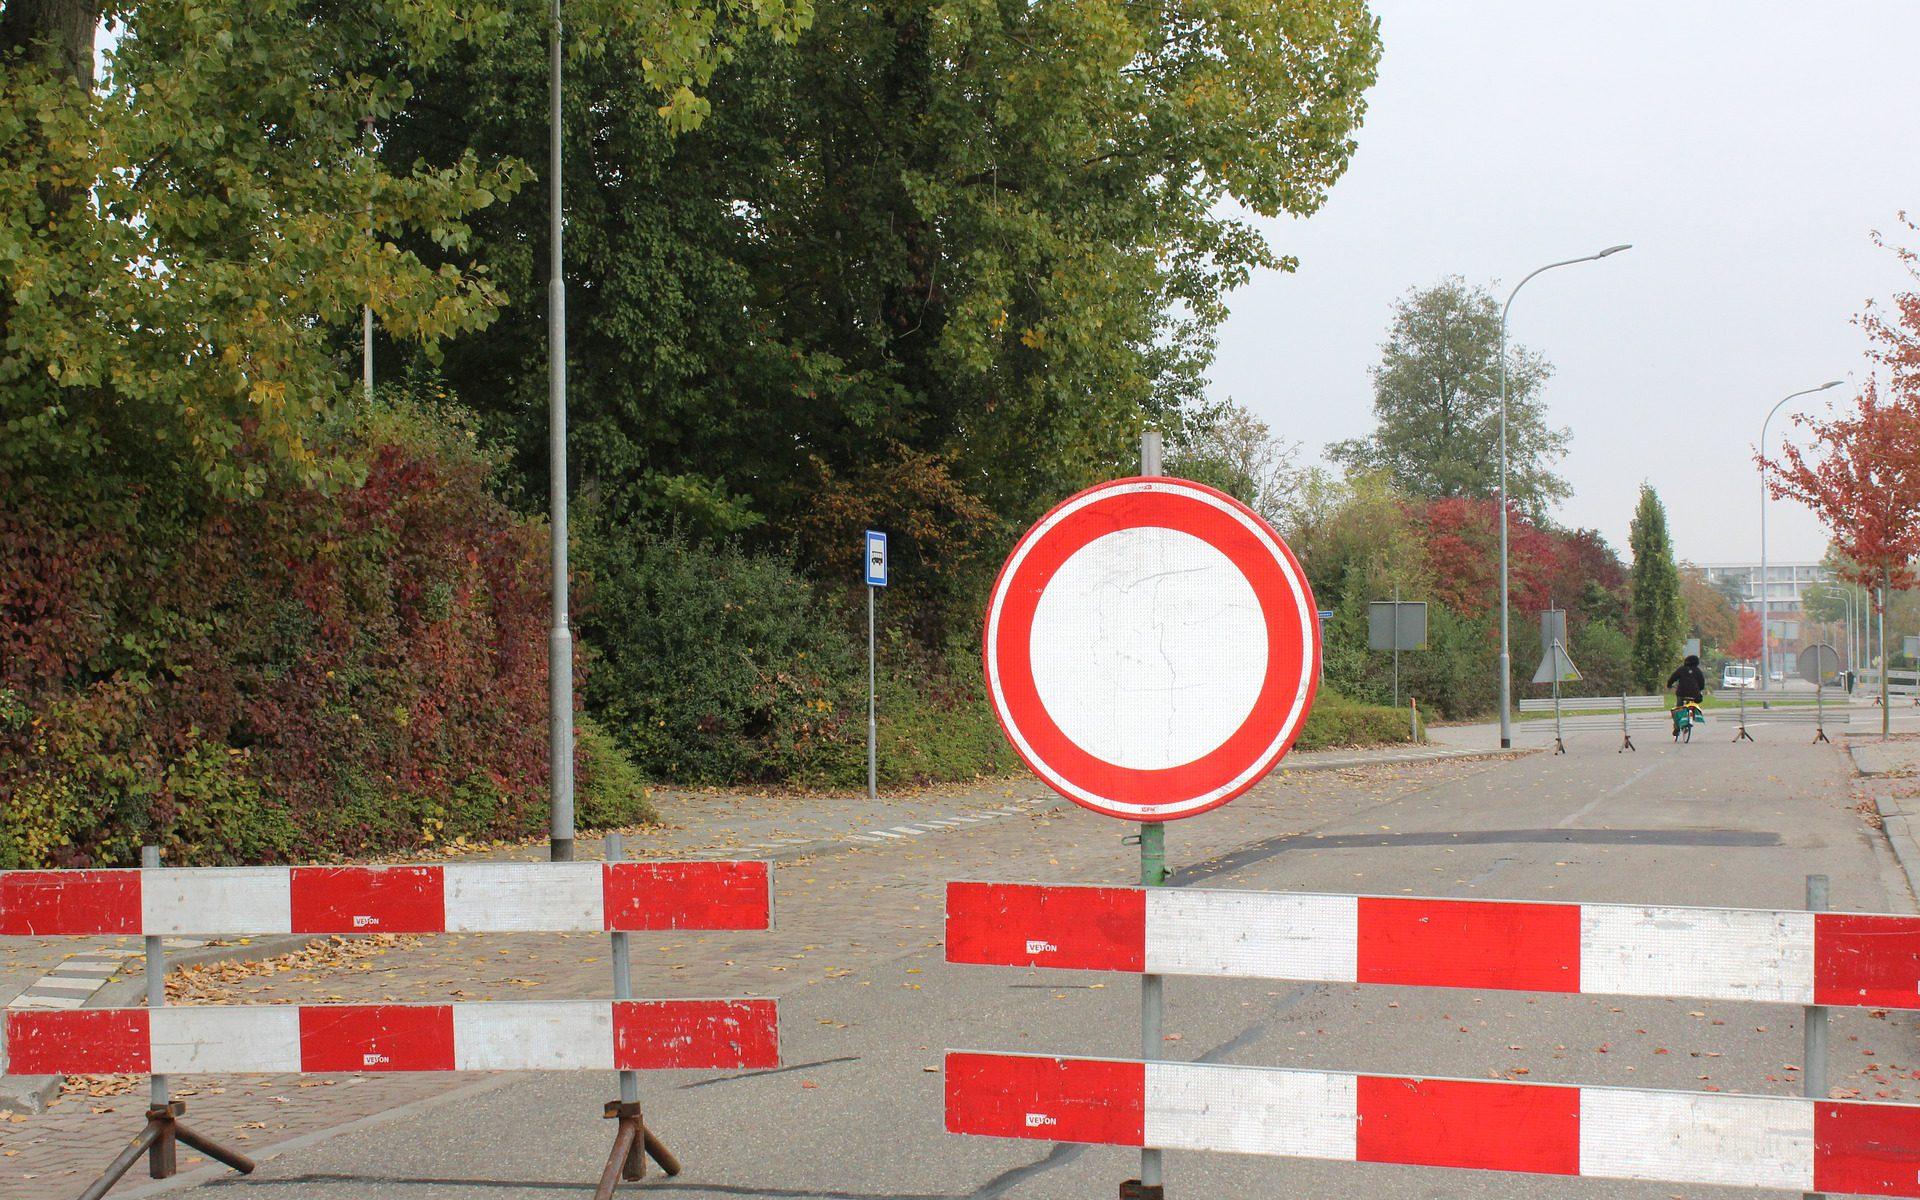 Straßensperrung im Waldstraßenviertel aufgrund Veranstaltungen am Sportforum